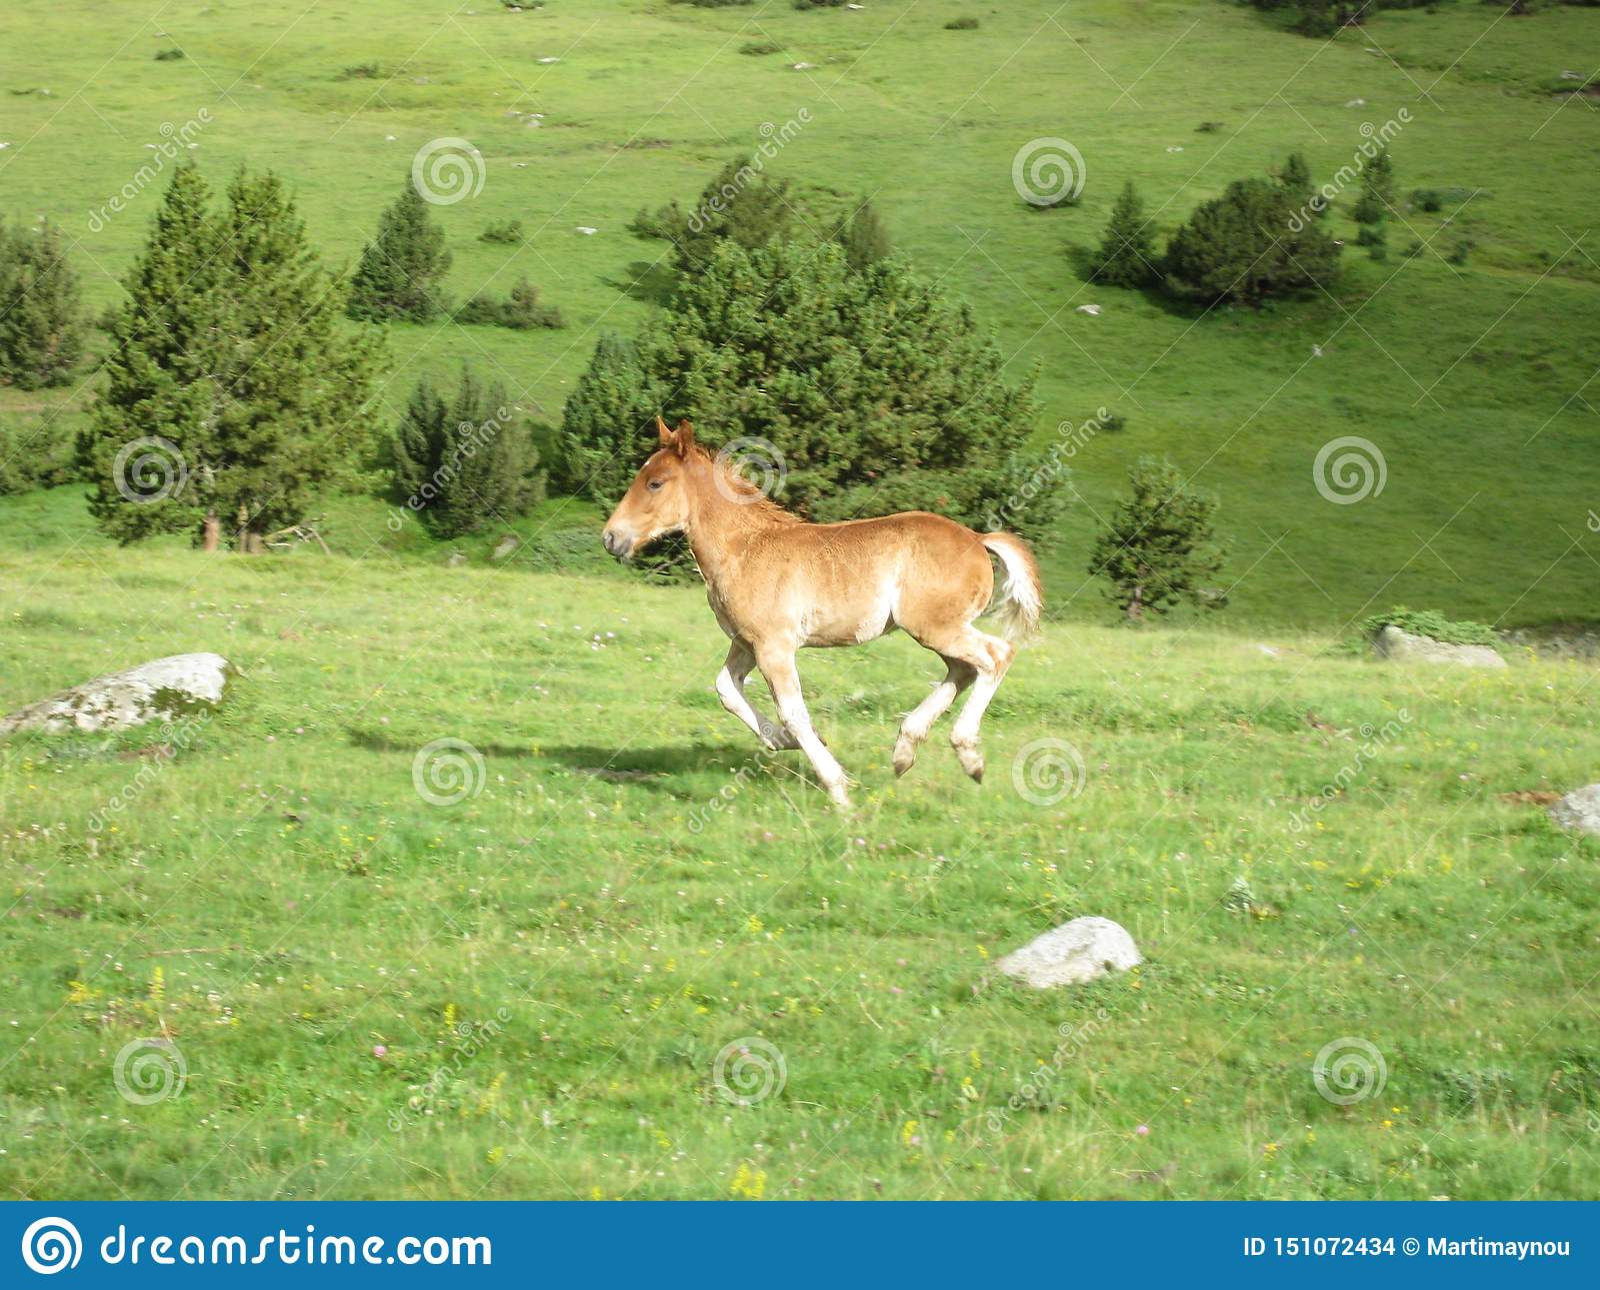 Wildes Pferd, das durch die Wiese läuft